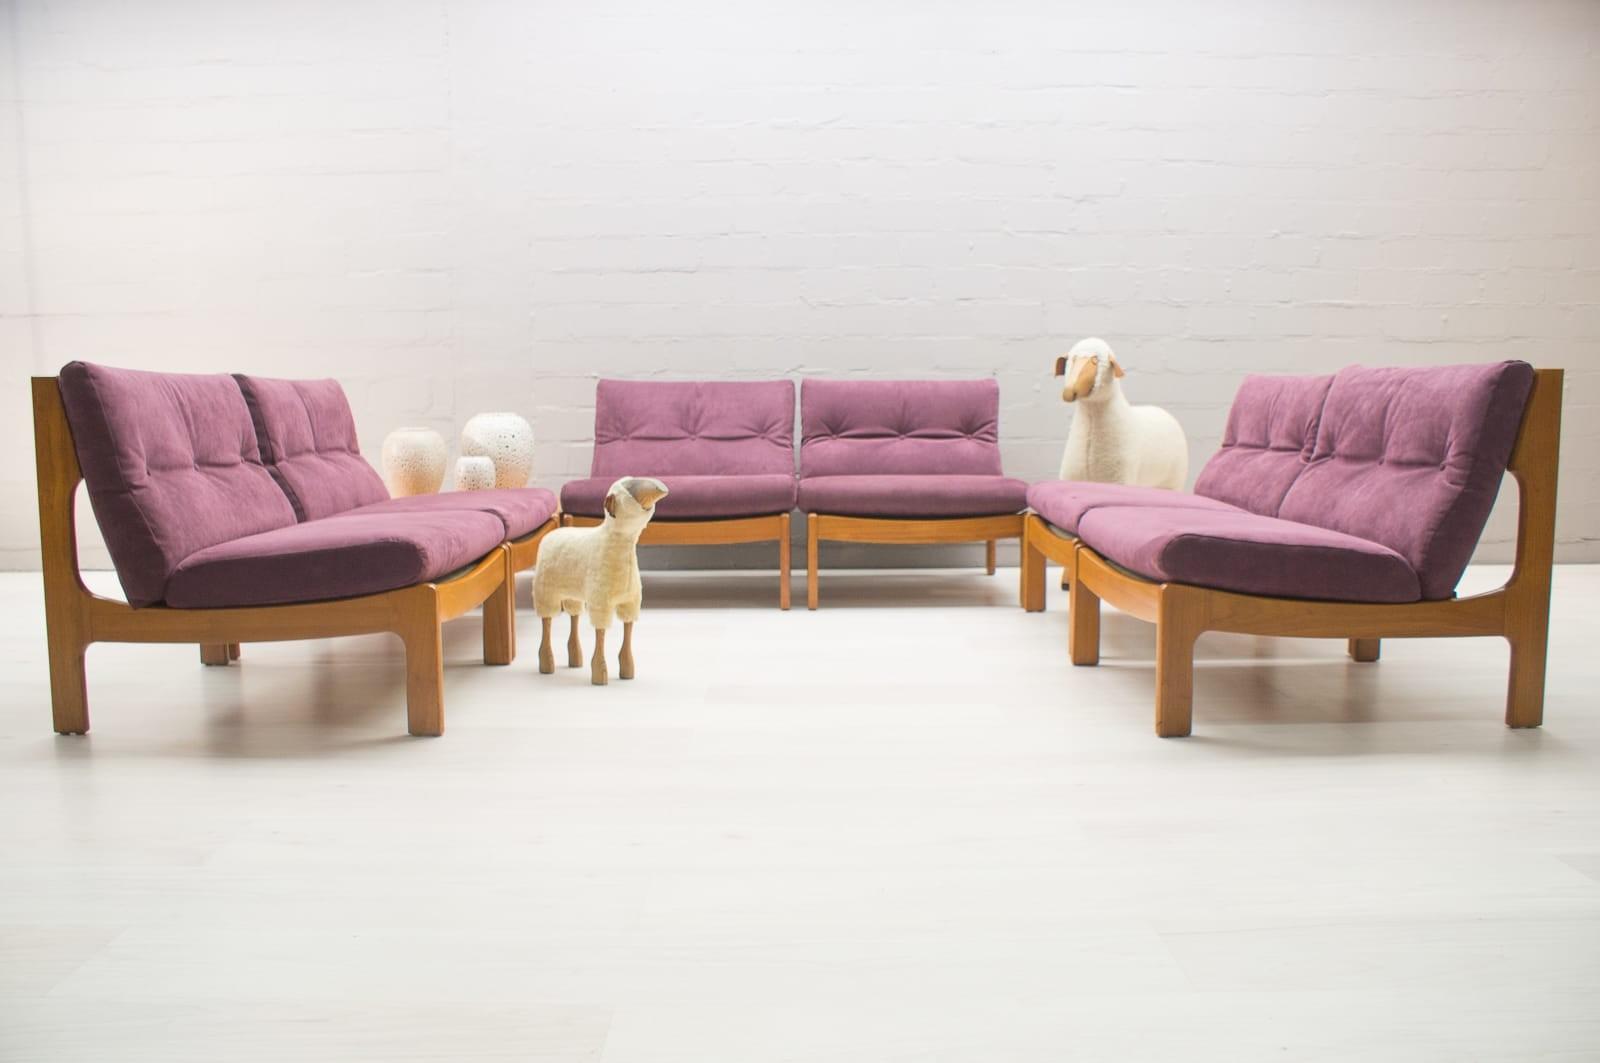 Vintage Scandinavian living room set - 1960s - Design Market